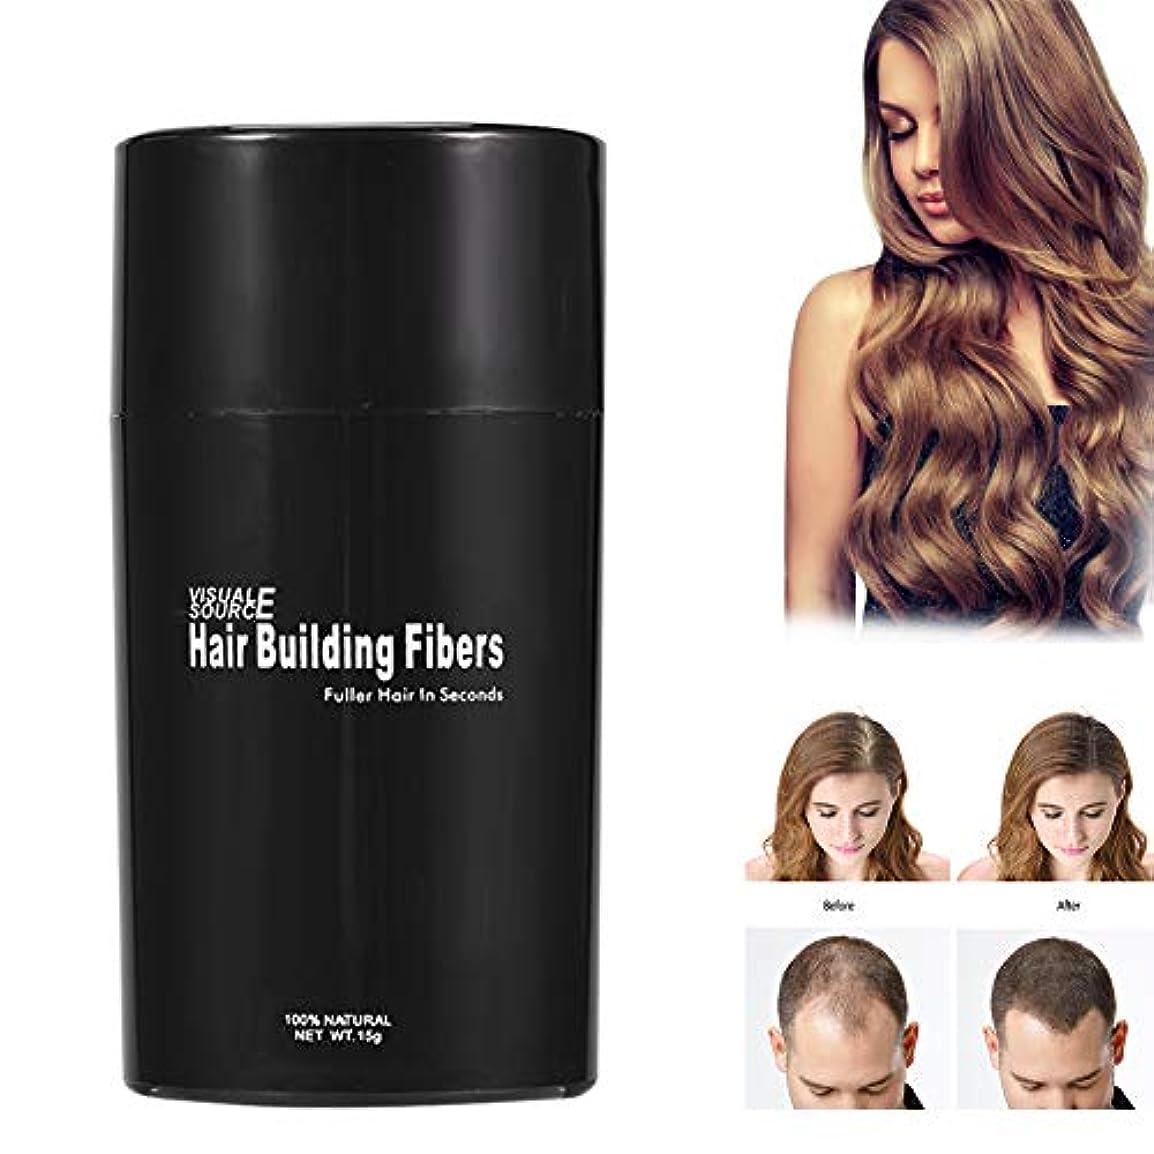 第二アリコントローラヘアービルディングファイバー、4色ヘアービルディングファイバーヘアー増粘剤脱毛ソリューションコンシーラーフラーとより濃い髪(ミディアムブラウン)